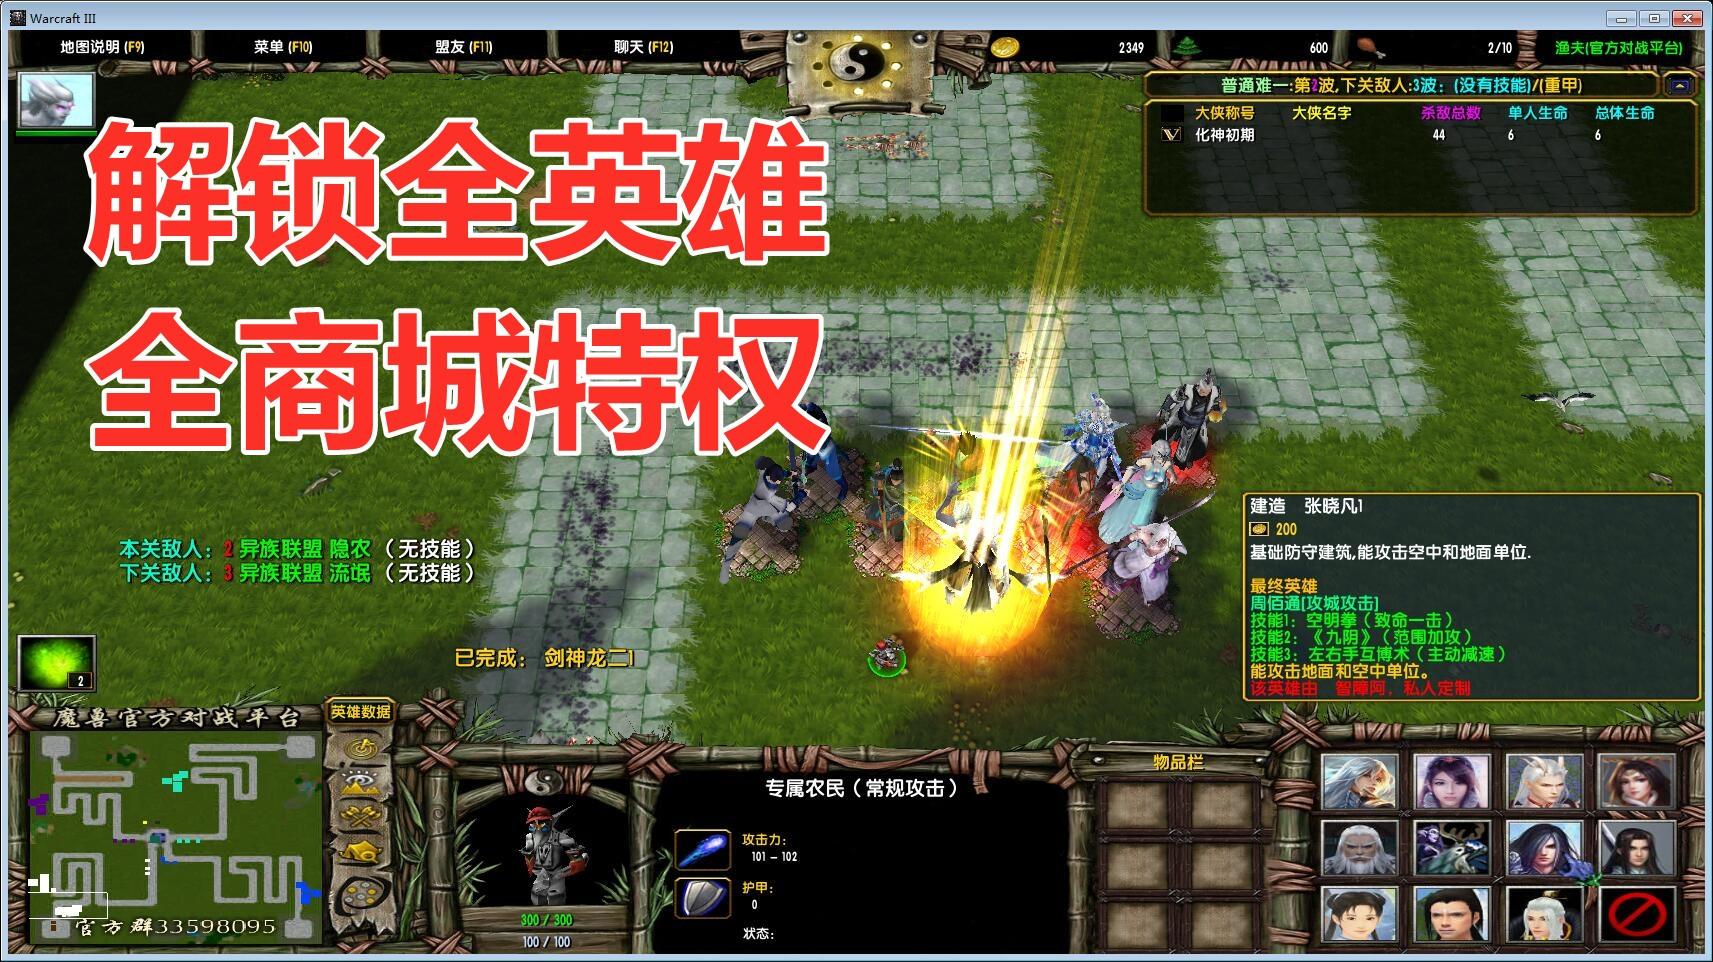 混乱武林III苍山负雪4.7.80TOP破解 全专属英雄+全商城特权+专属农民+快速建造无CD